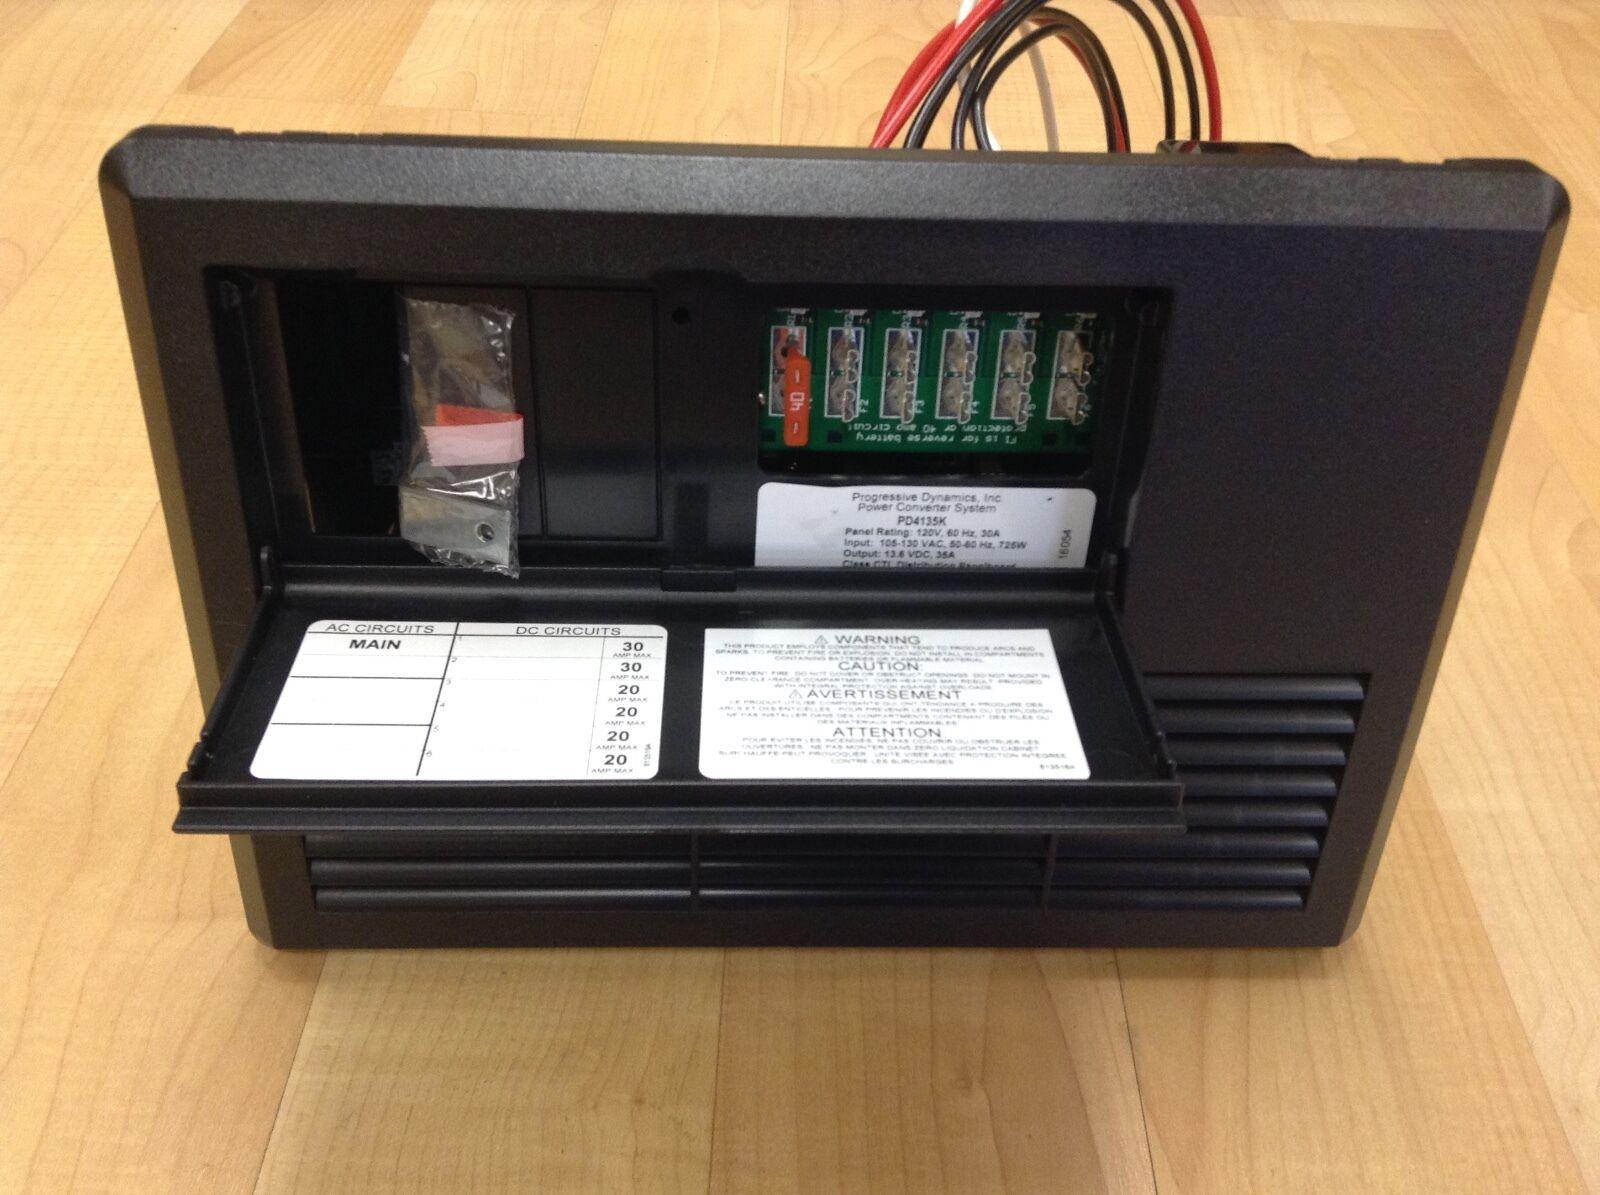 Intelli Power Converter Wiring Diagram - Wiring Diagrams Schematics